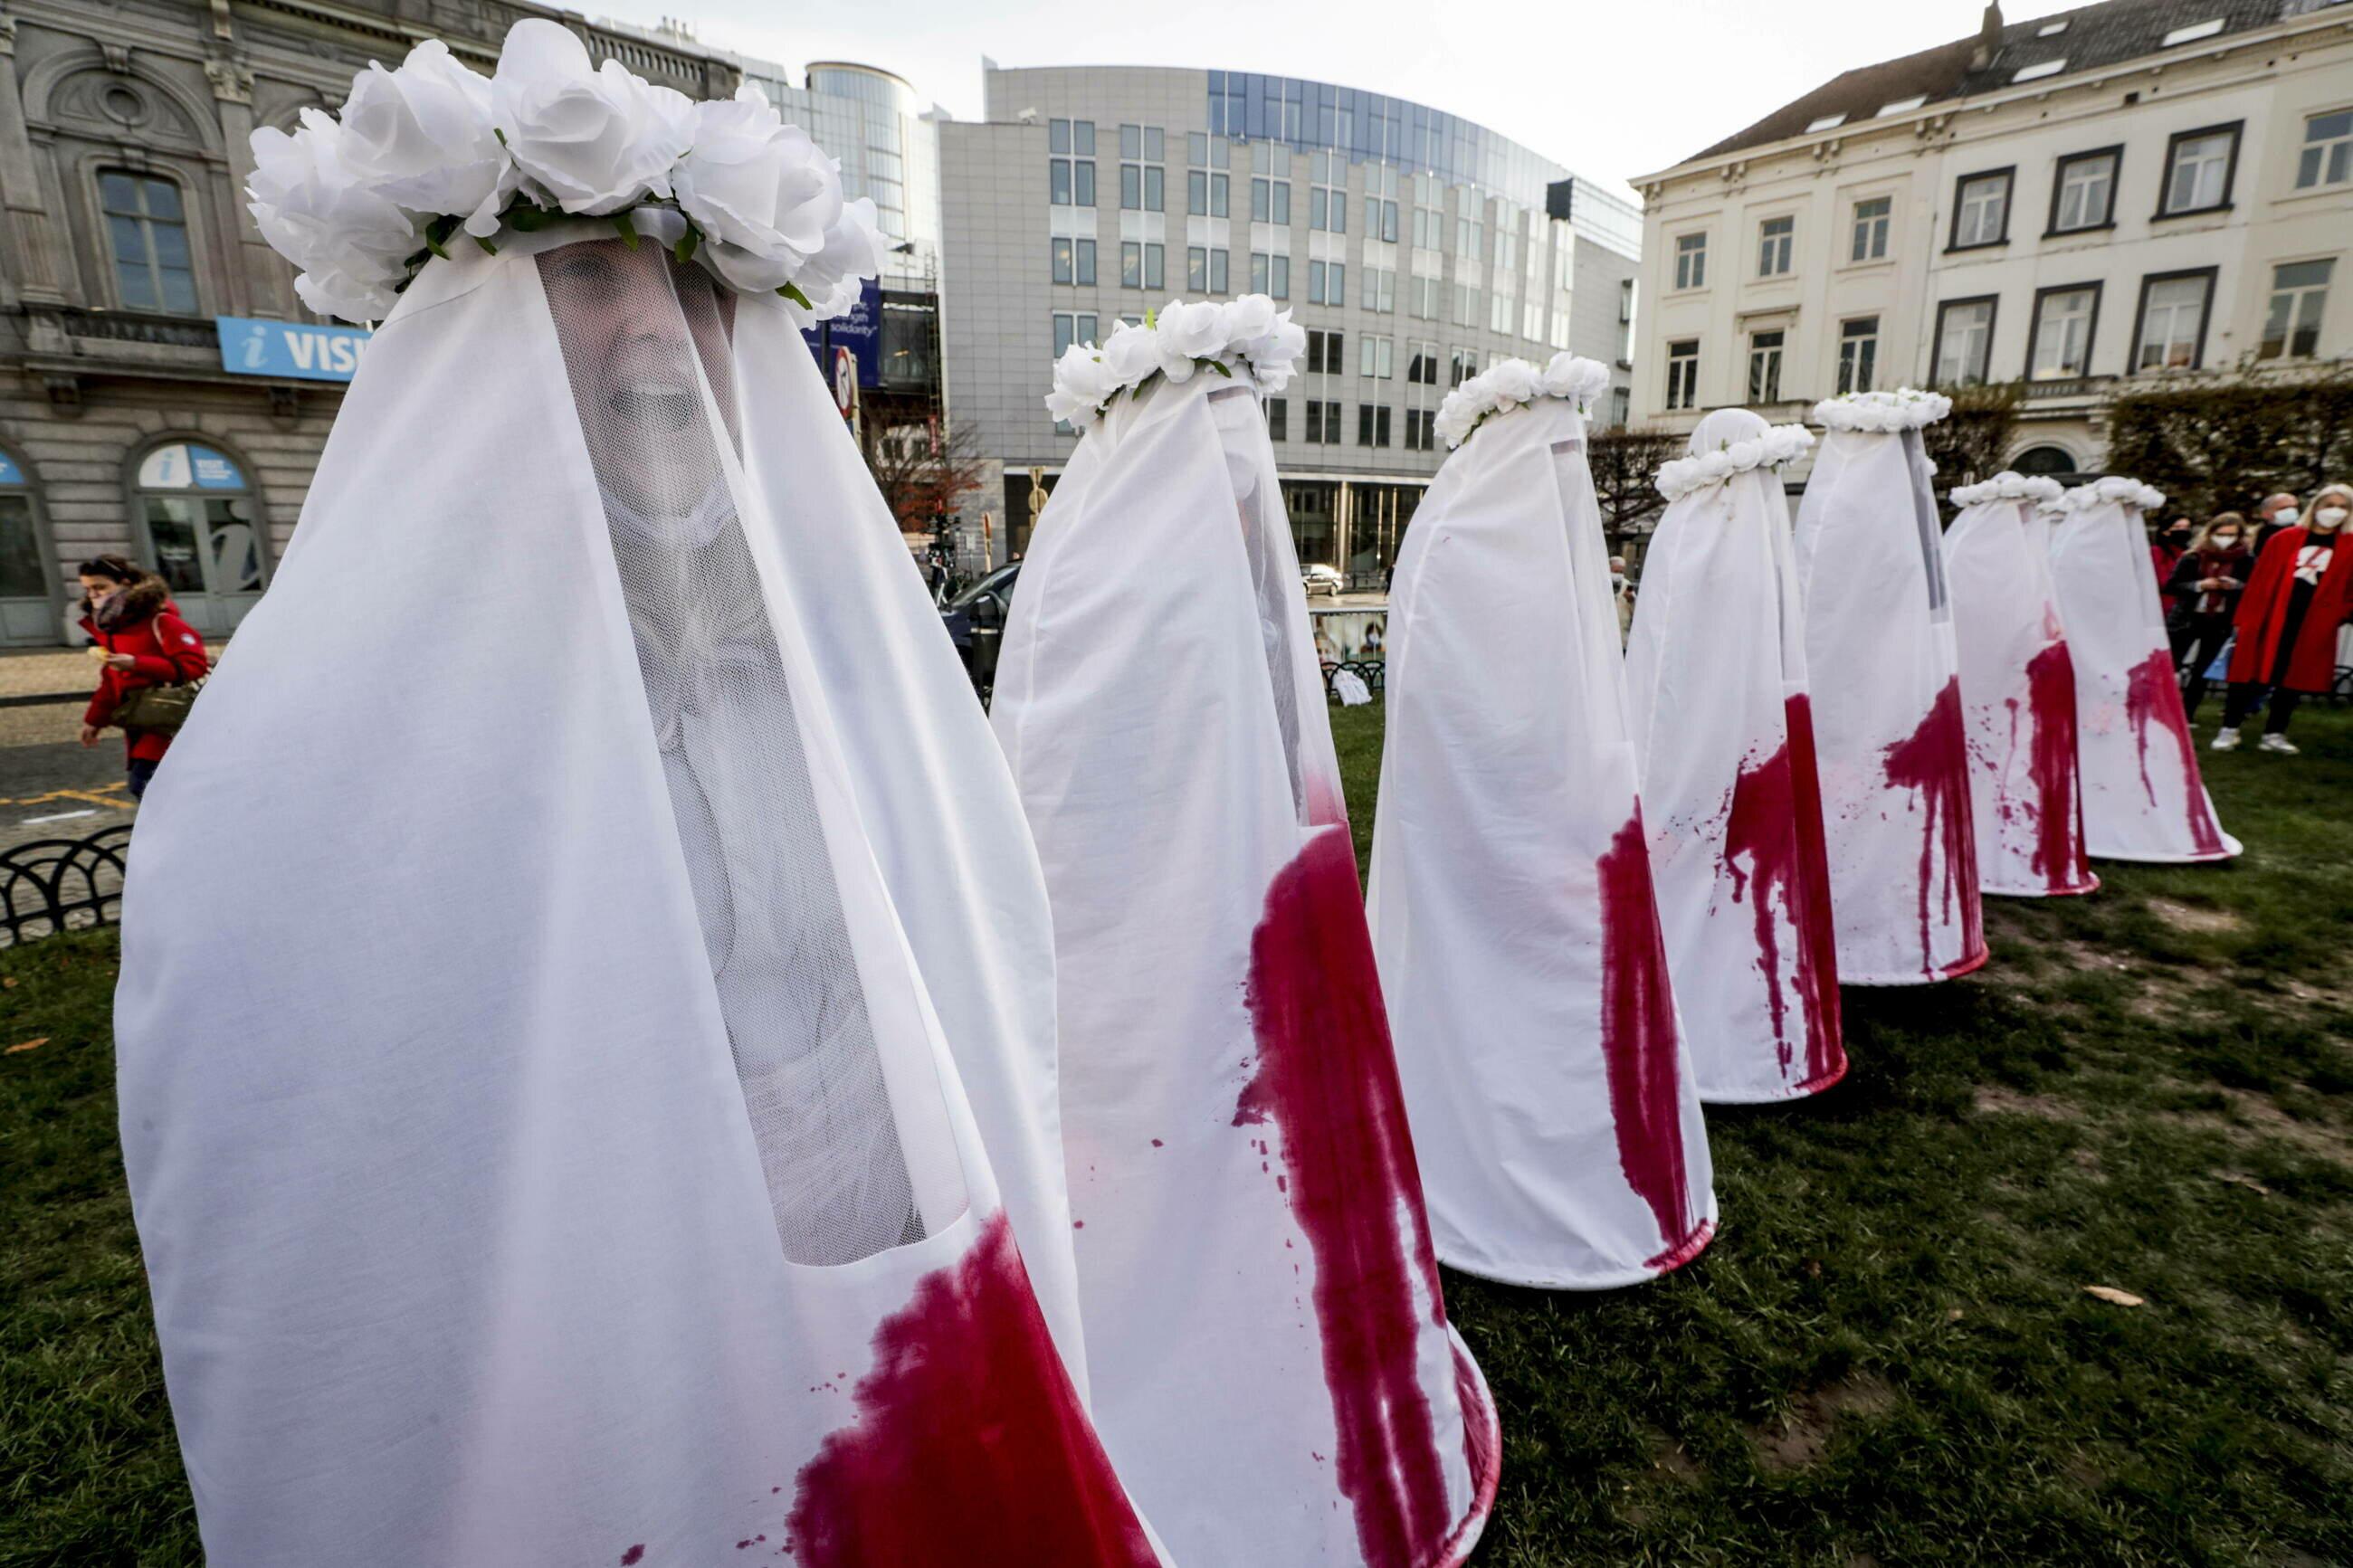 Bruksela. Demonstracja poparcia dla Strajku Kobiet i walki o prawo do aborcji w Polsce.